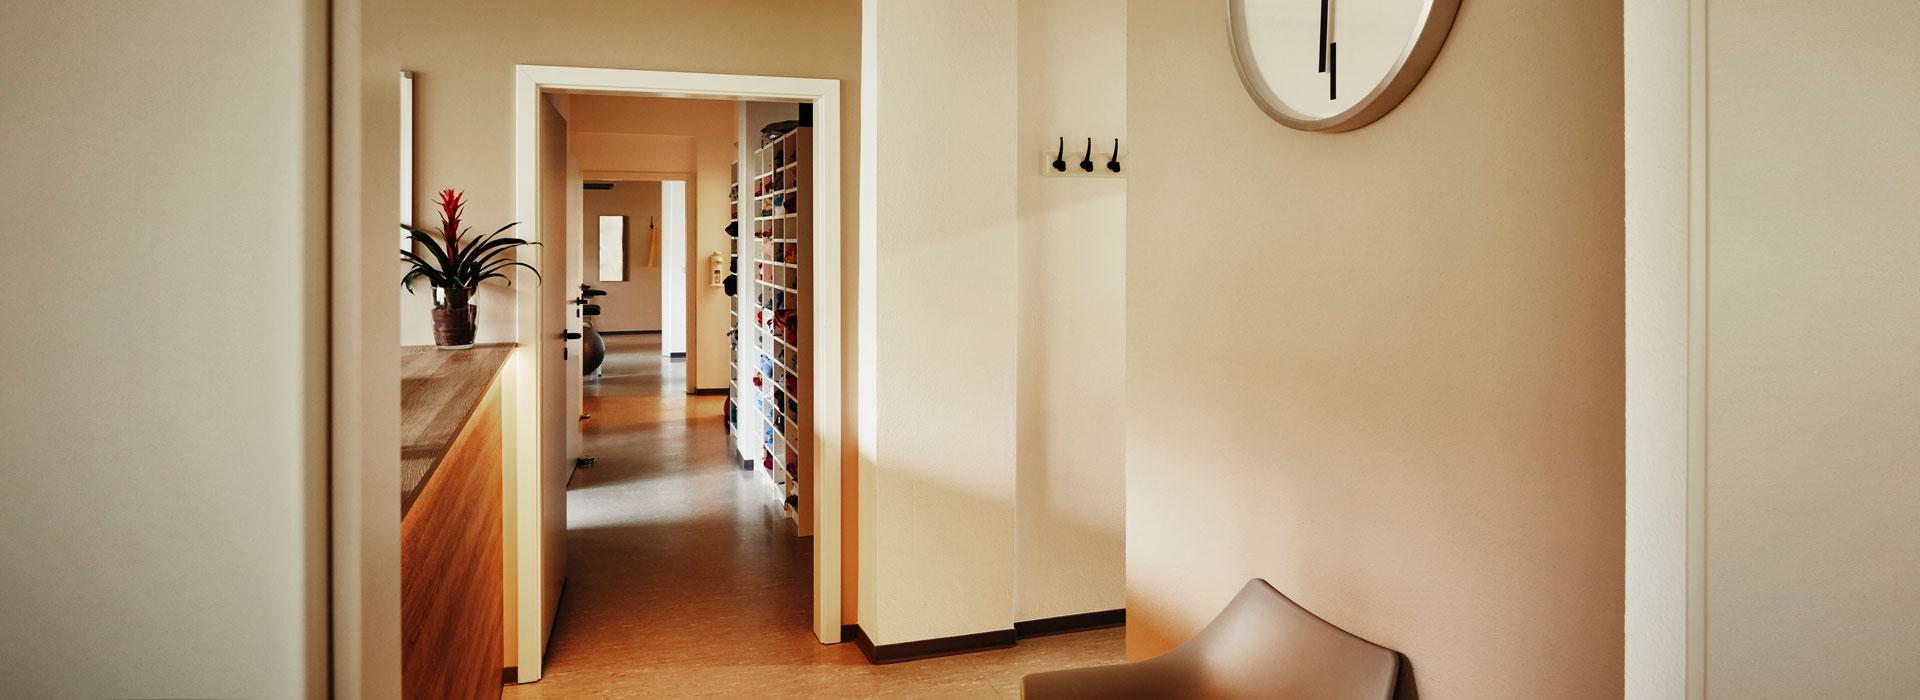 Eingangsbereich der Physiopraxis HVL